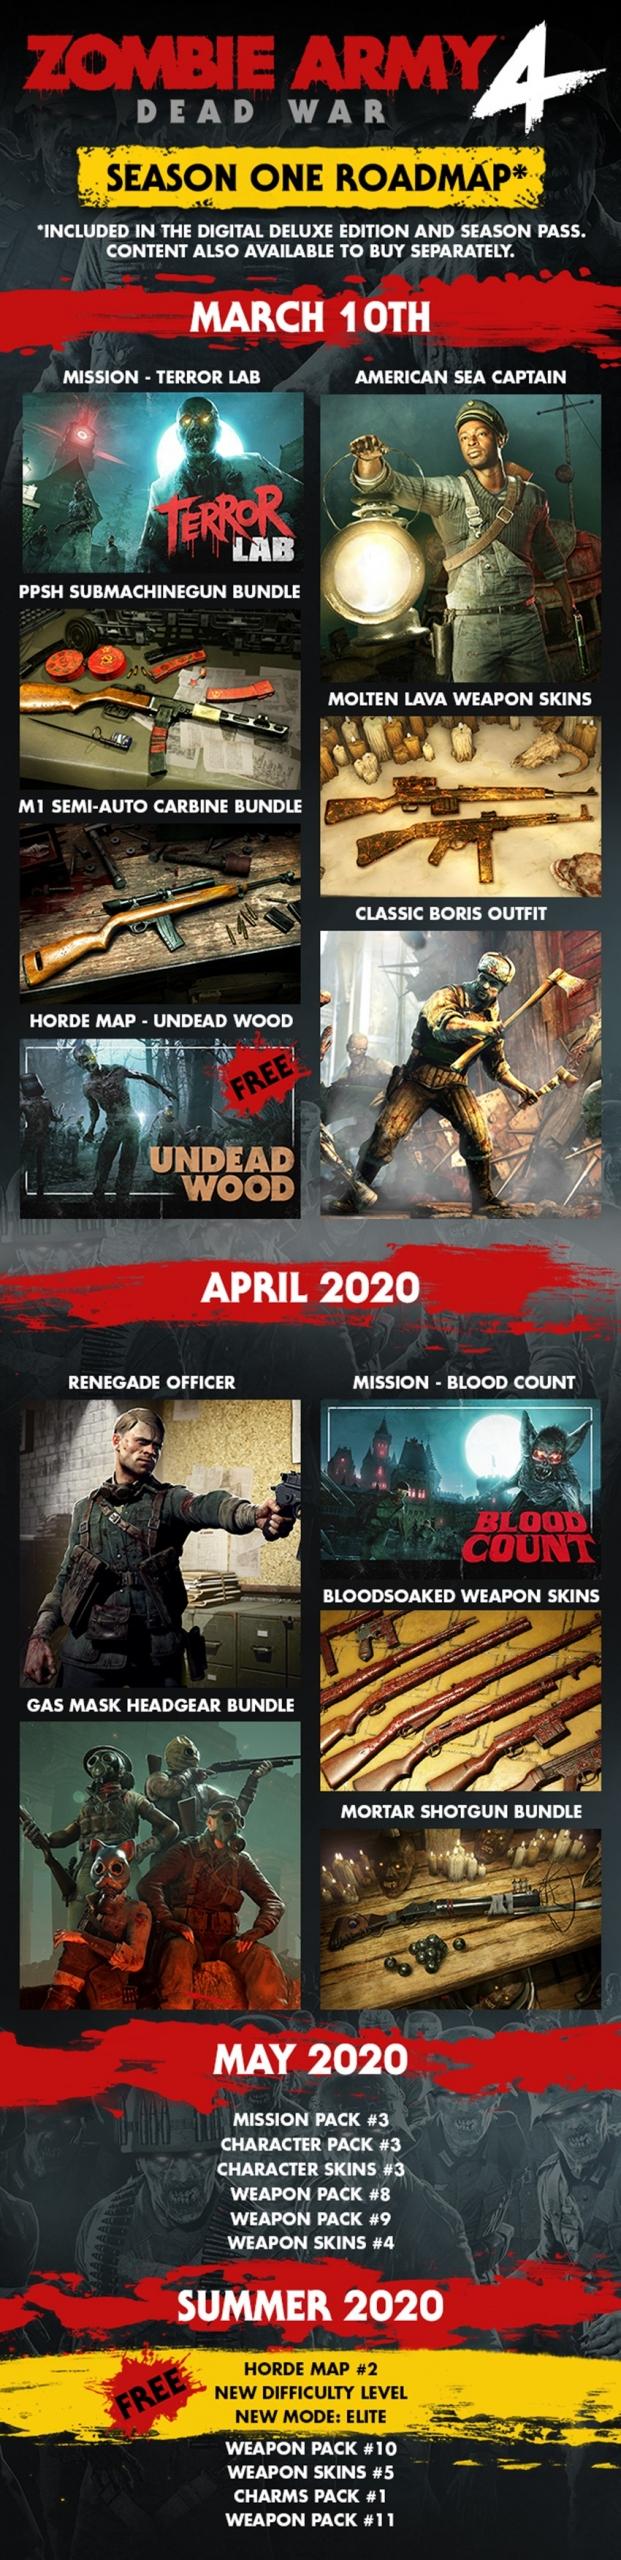 Zombie Army 4 roadmap